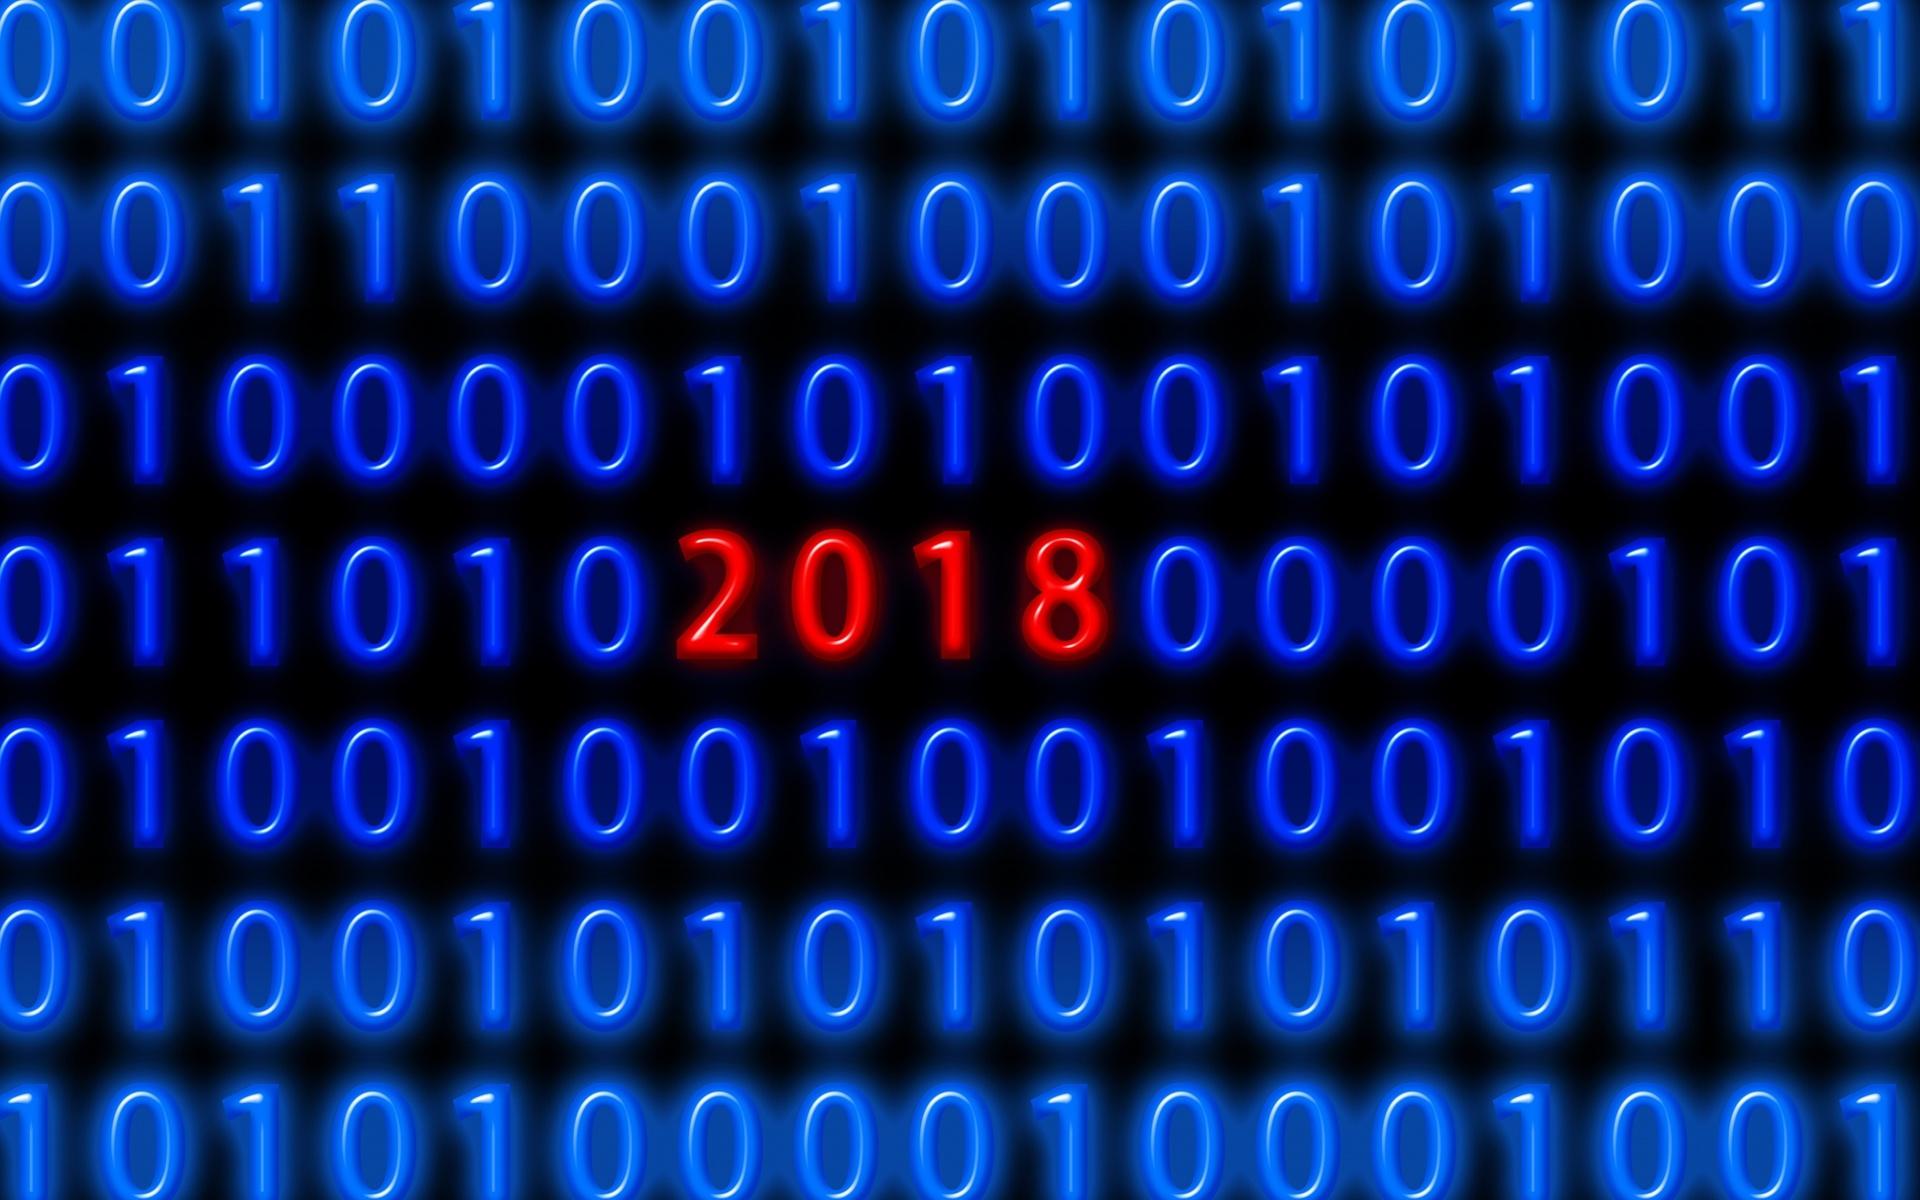 двоичный код, новый год, 2018, цифры